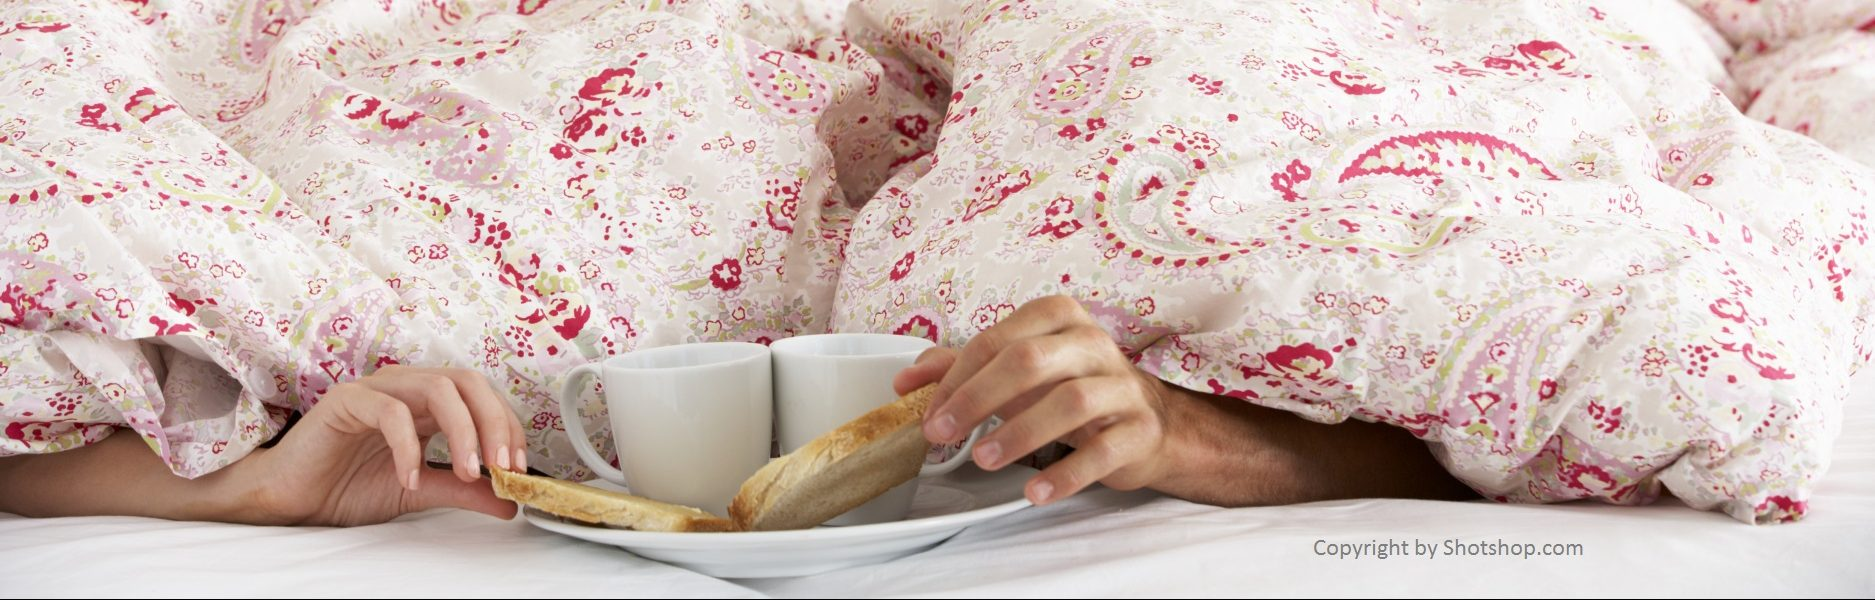 Beispielbild Frühstück im Bett, Foto